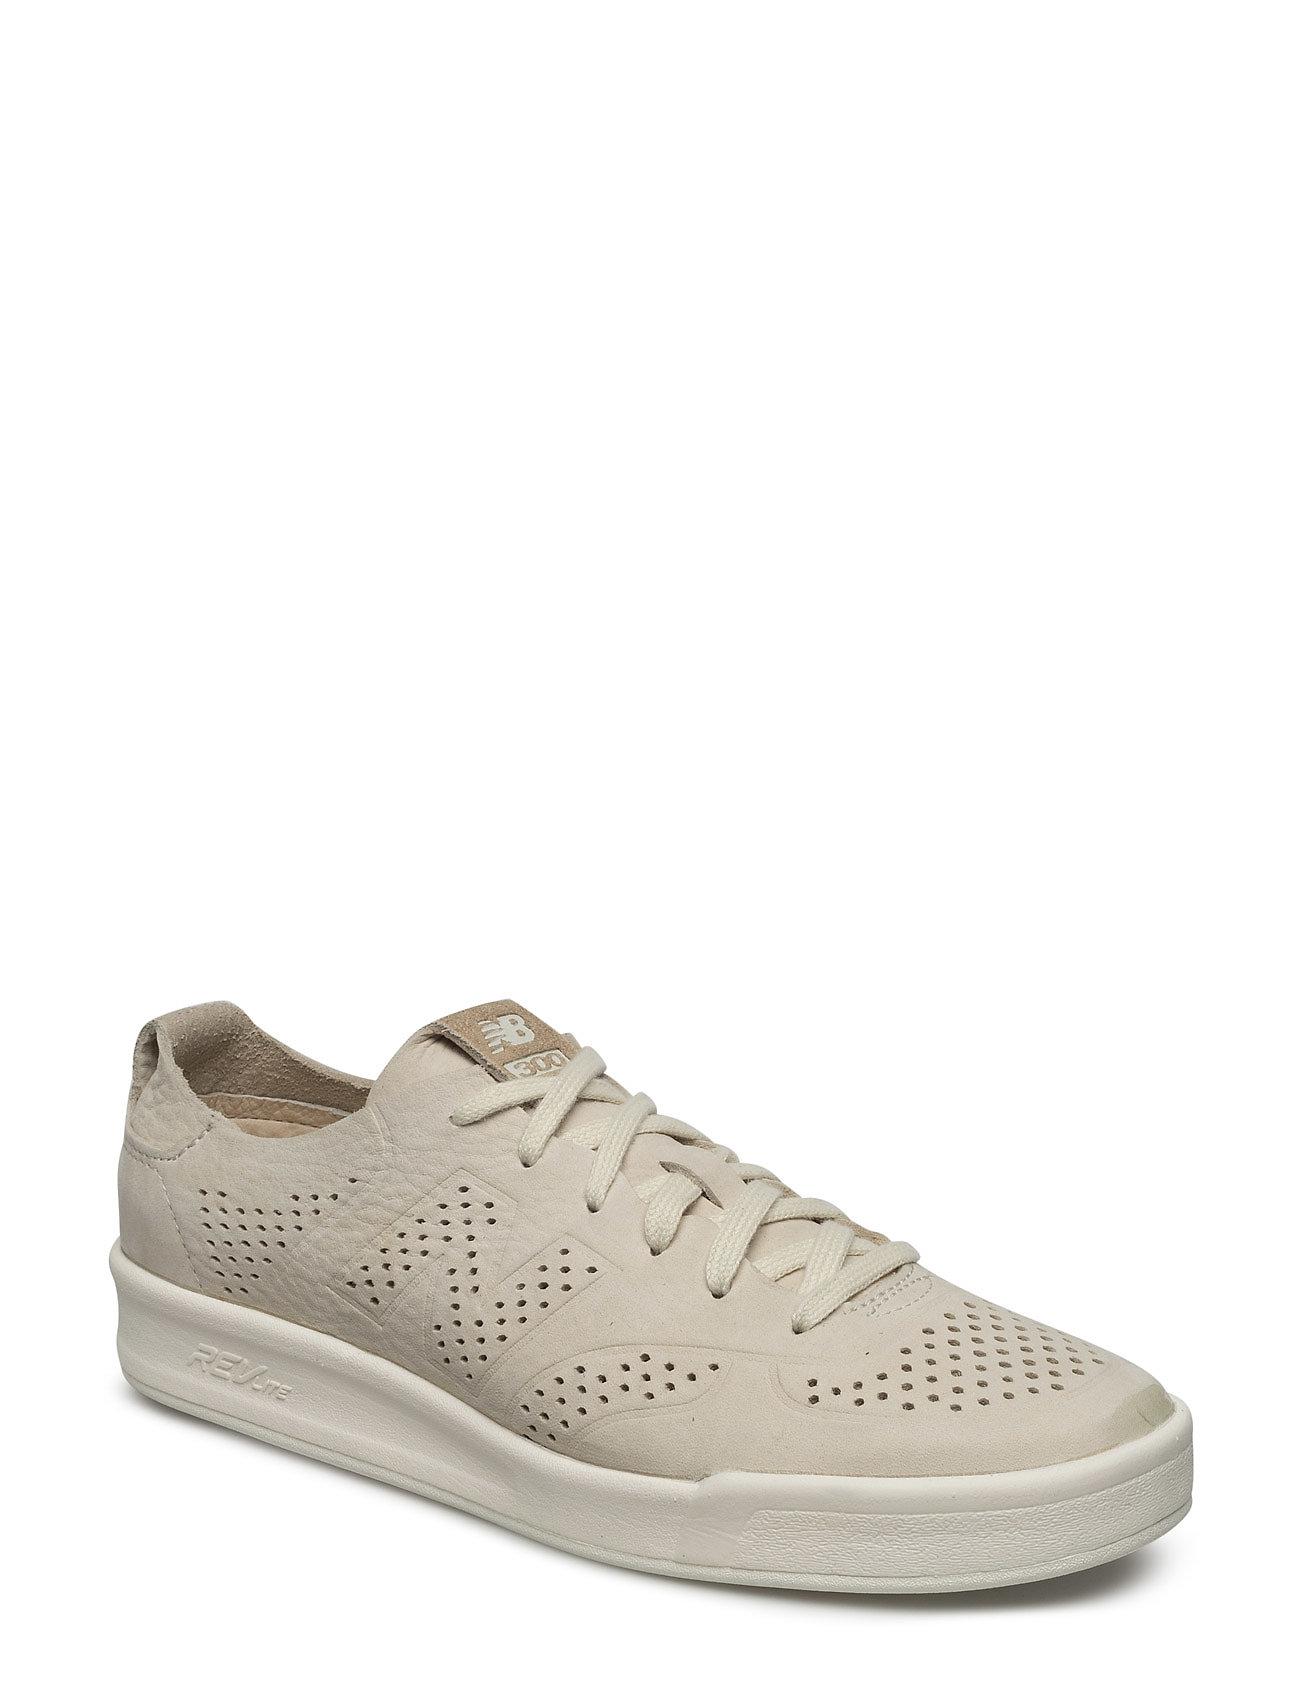 Crt300dz New Balance Sneakers til Herrer i Tan